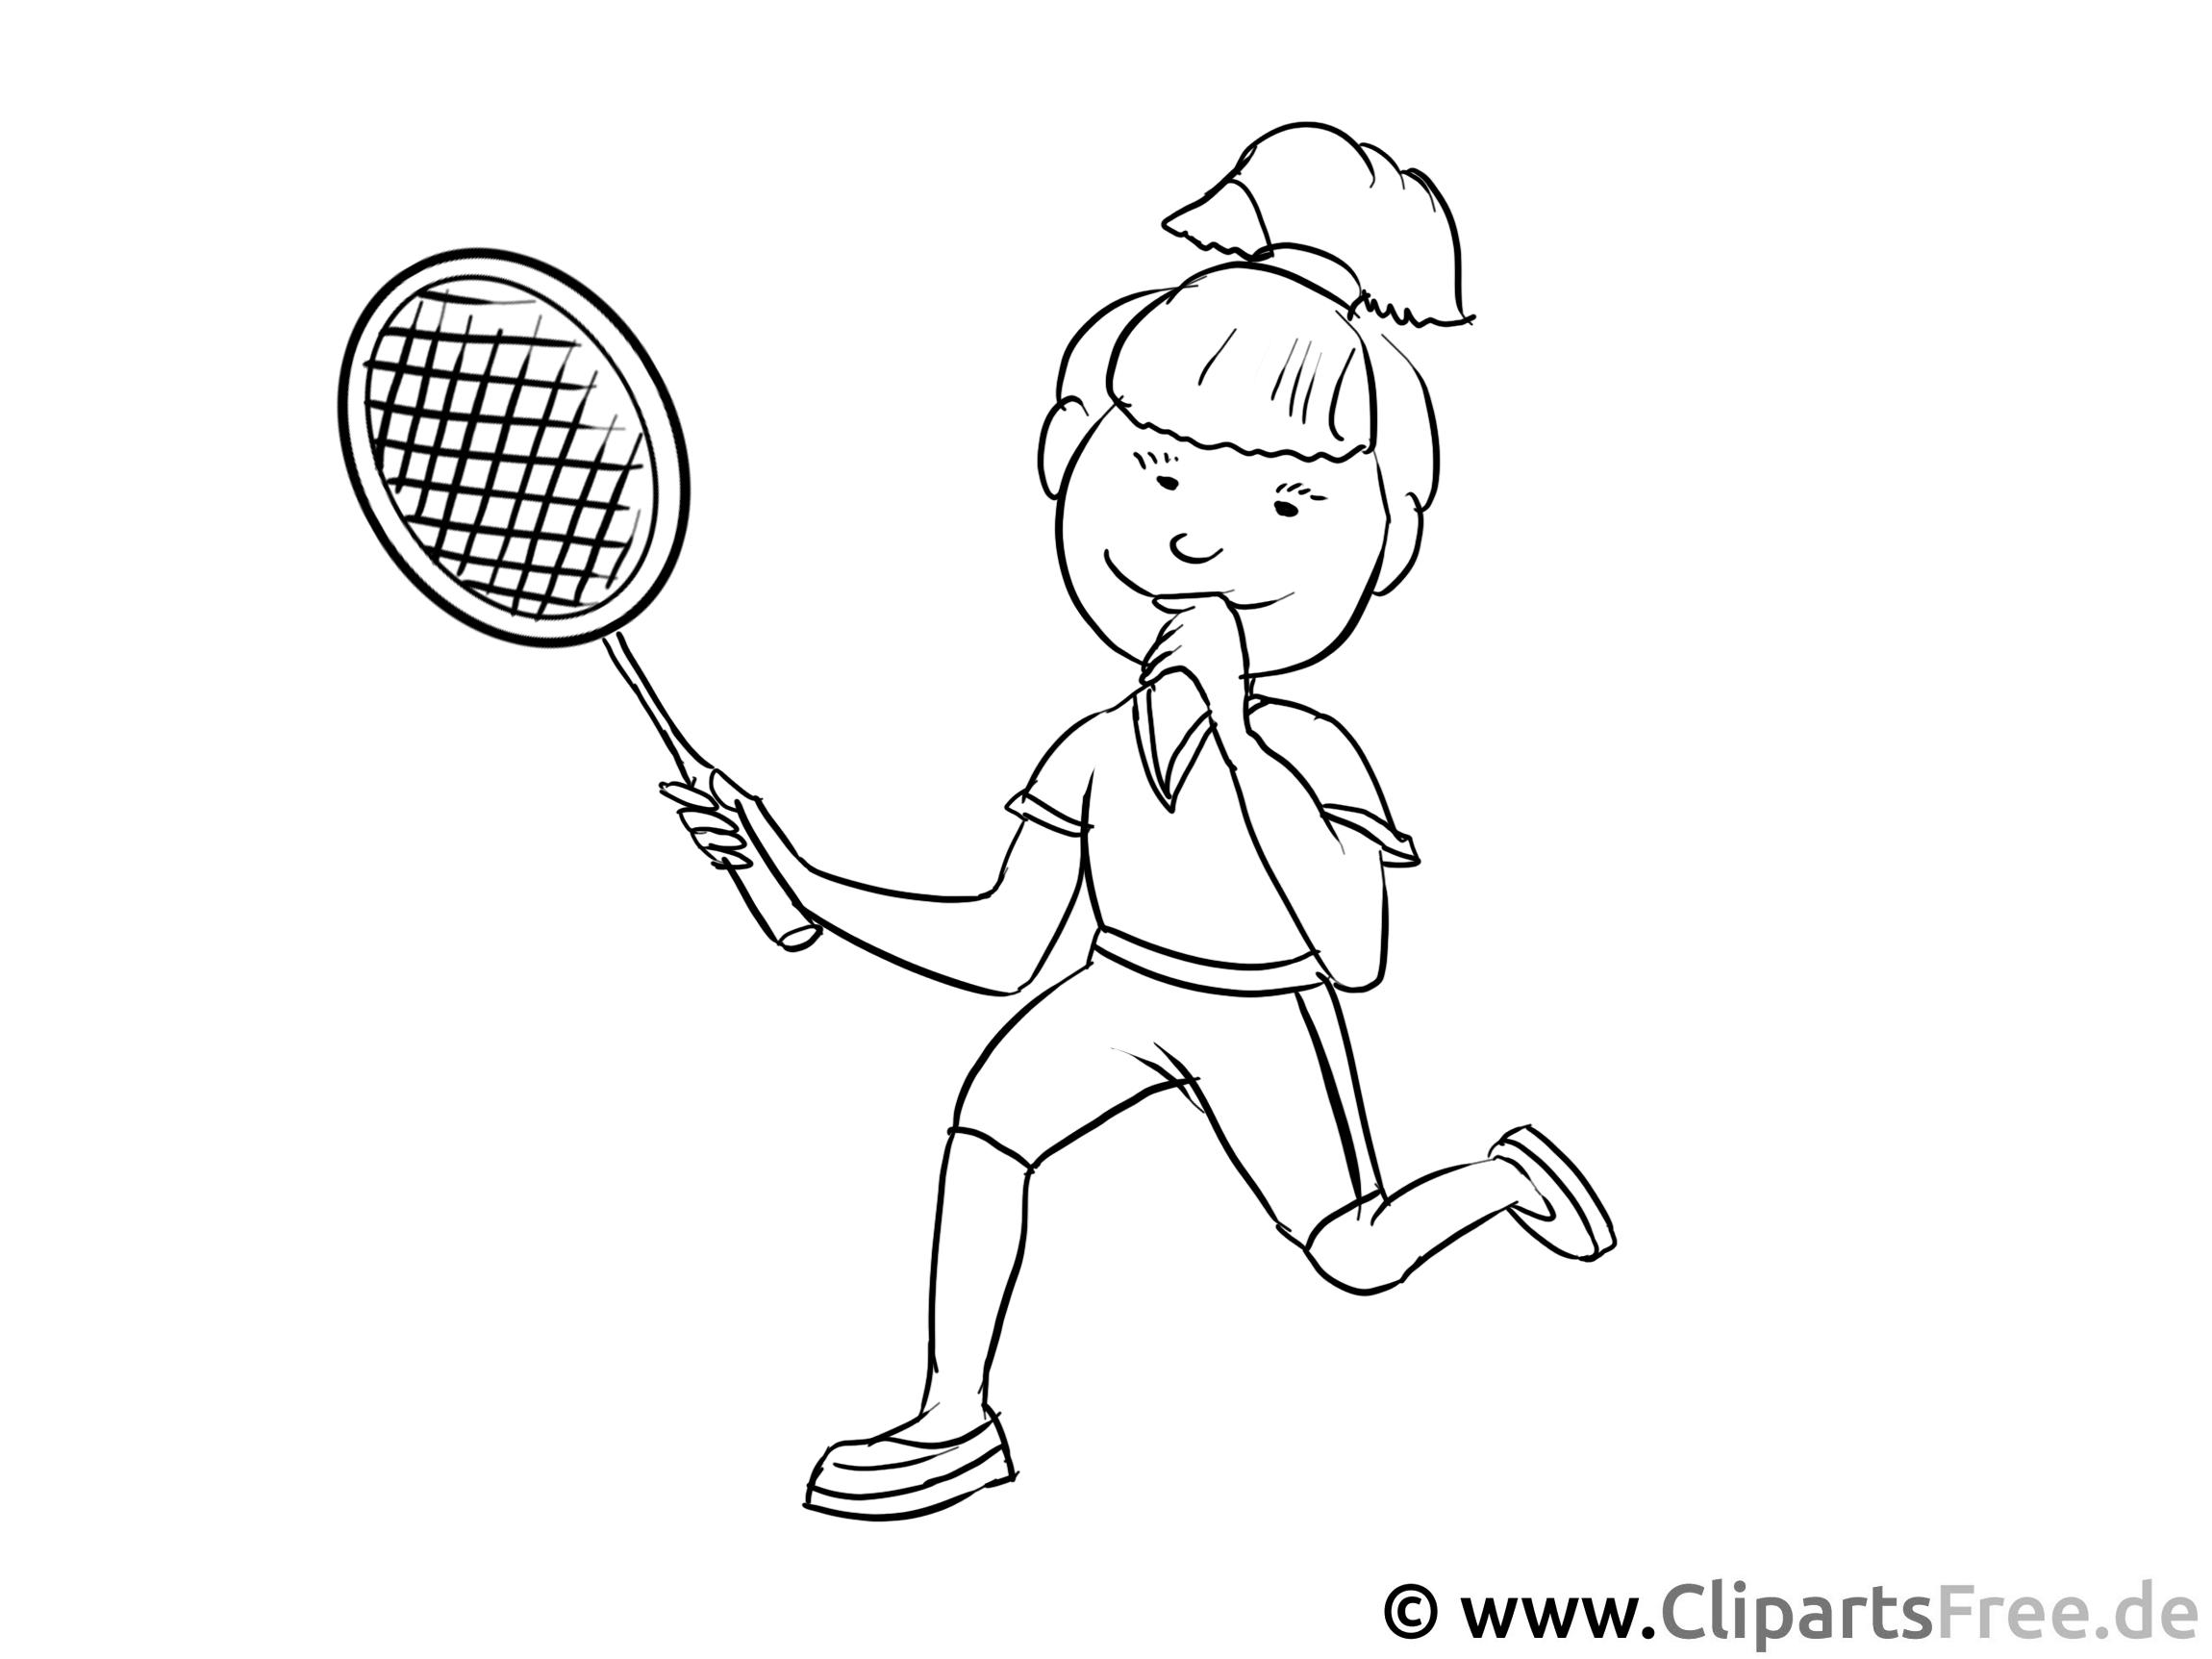 Tennisspielerin Malvorlage - Berufe Ausmalbilder für den Unterricht